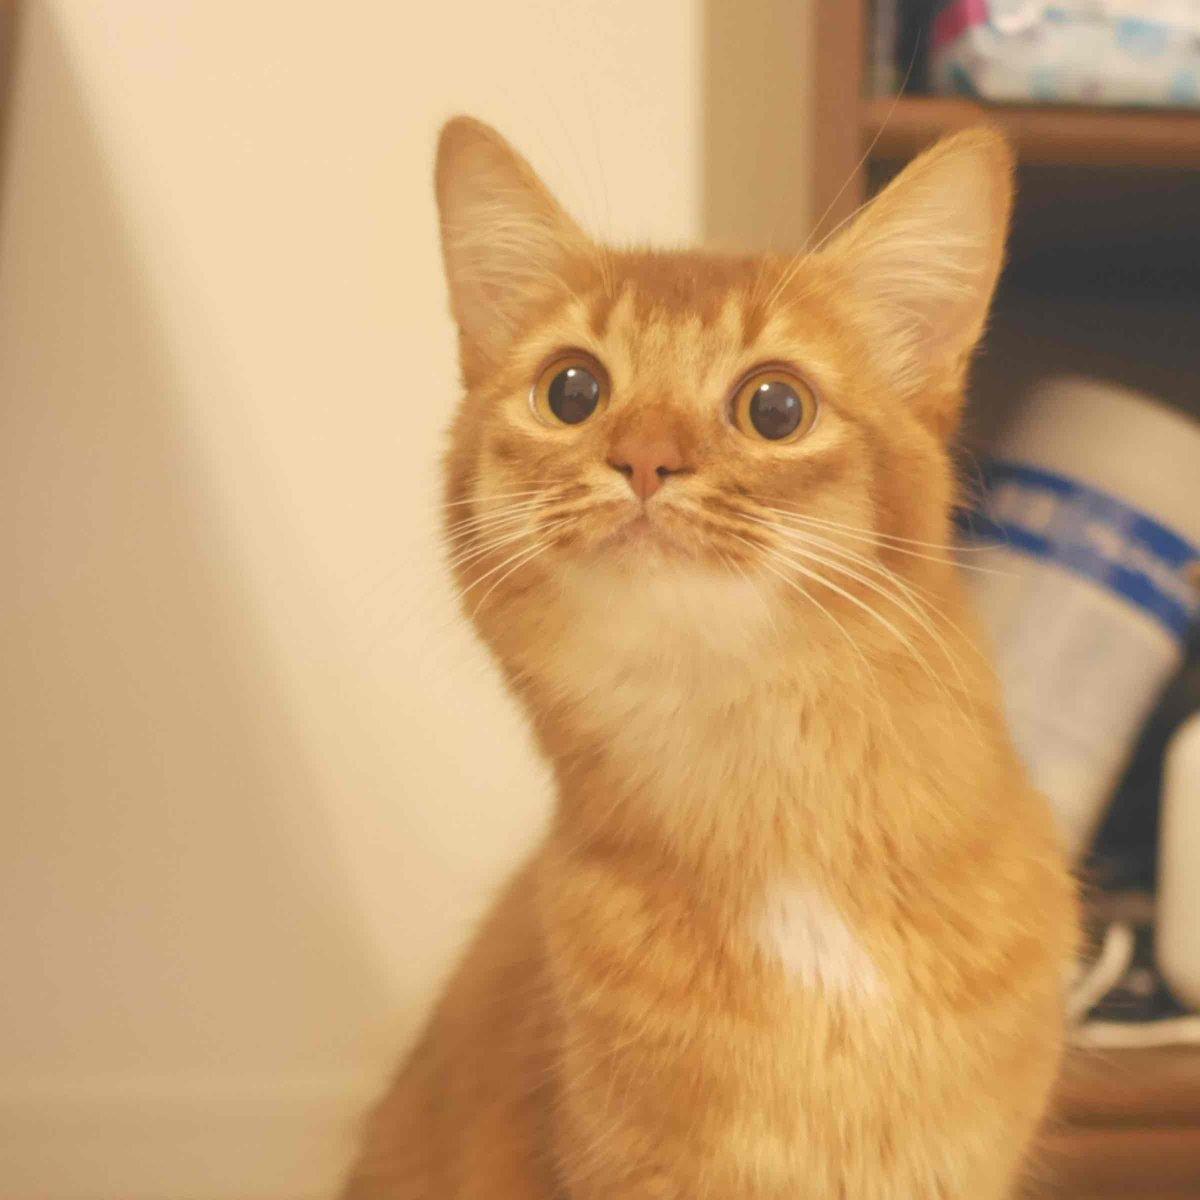 顔がまったく反省していない。。。 http://t.co/JAkYwles1k